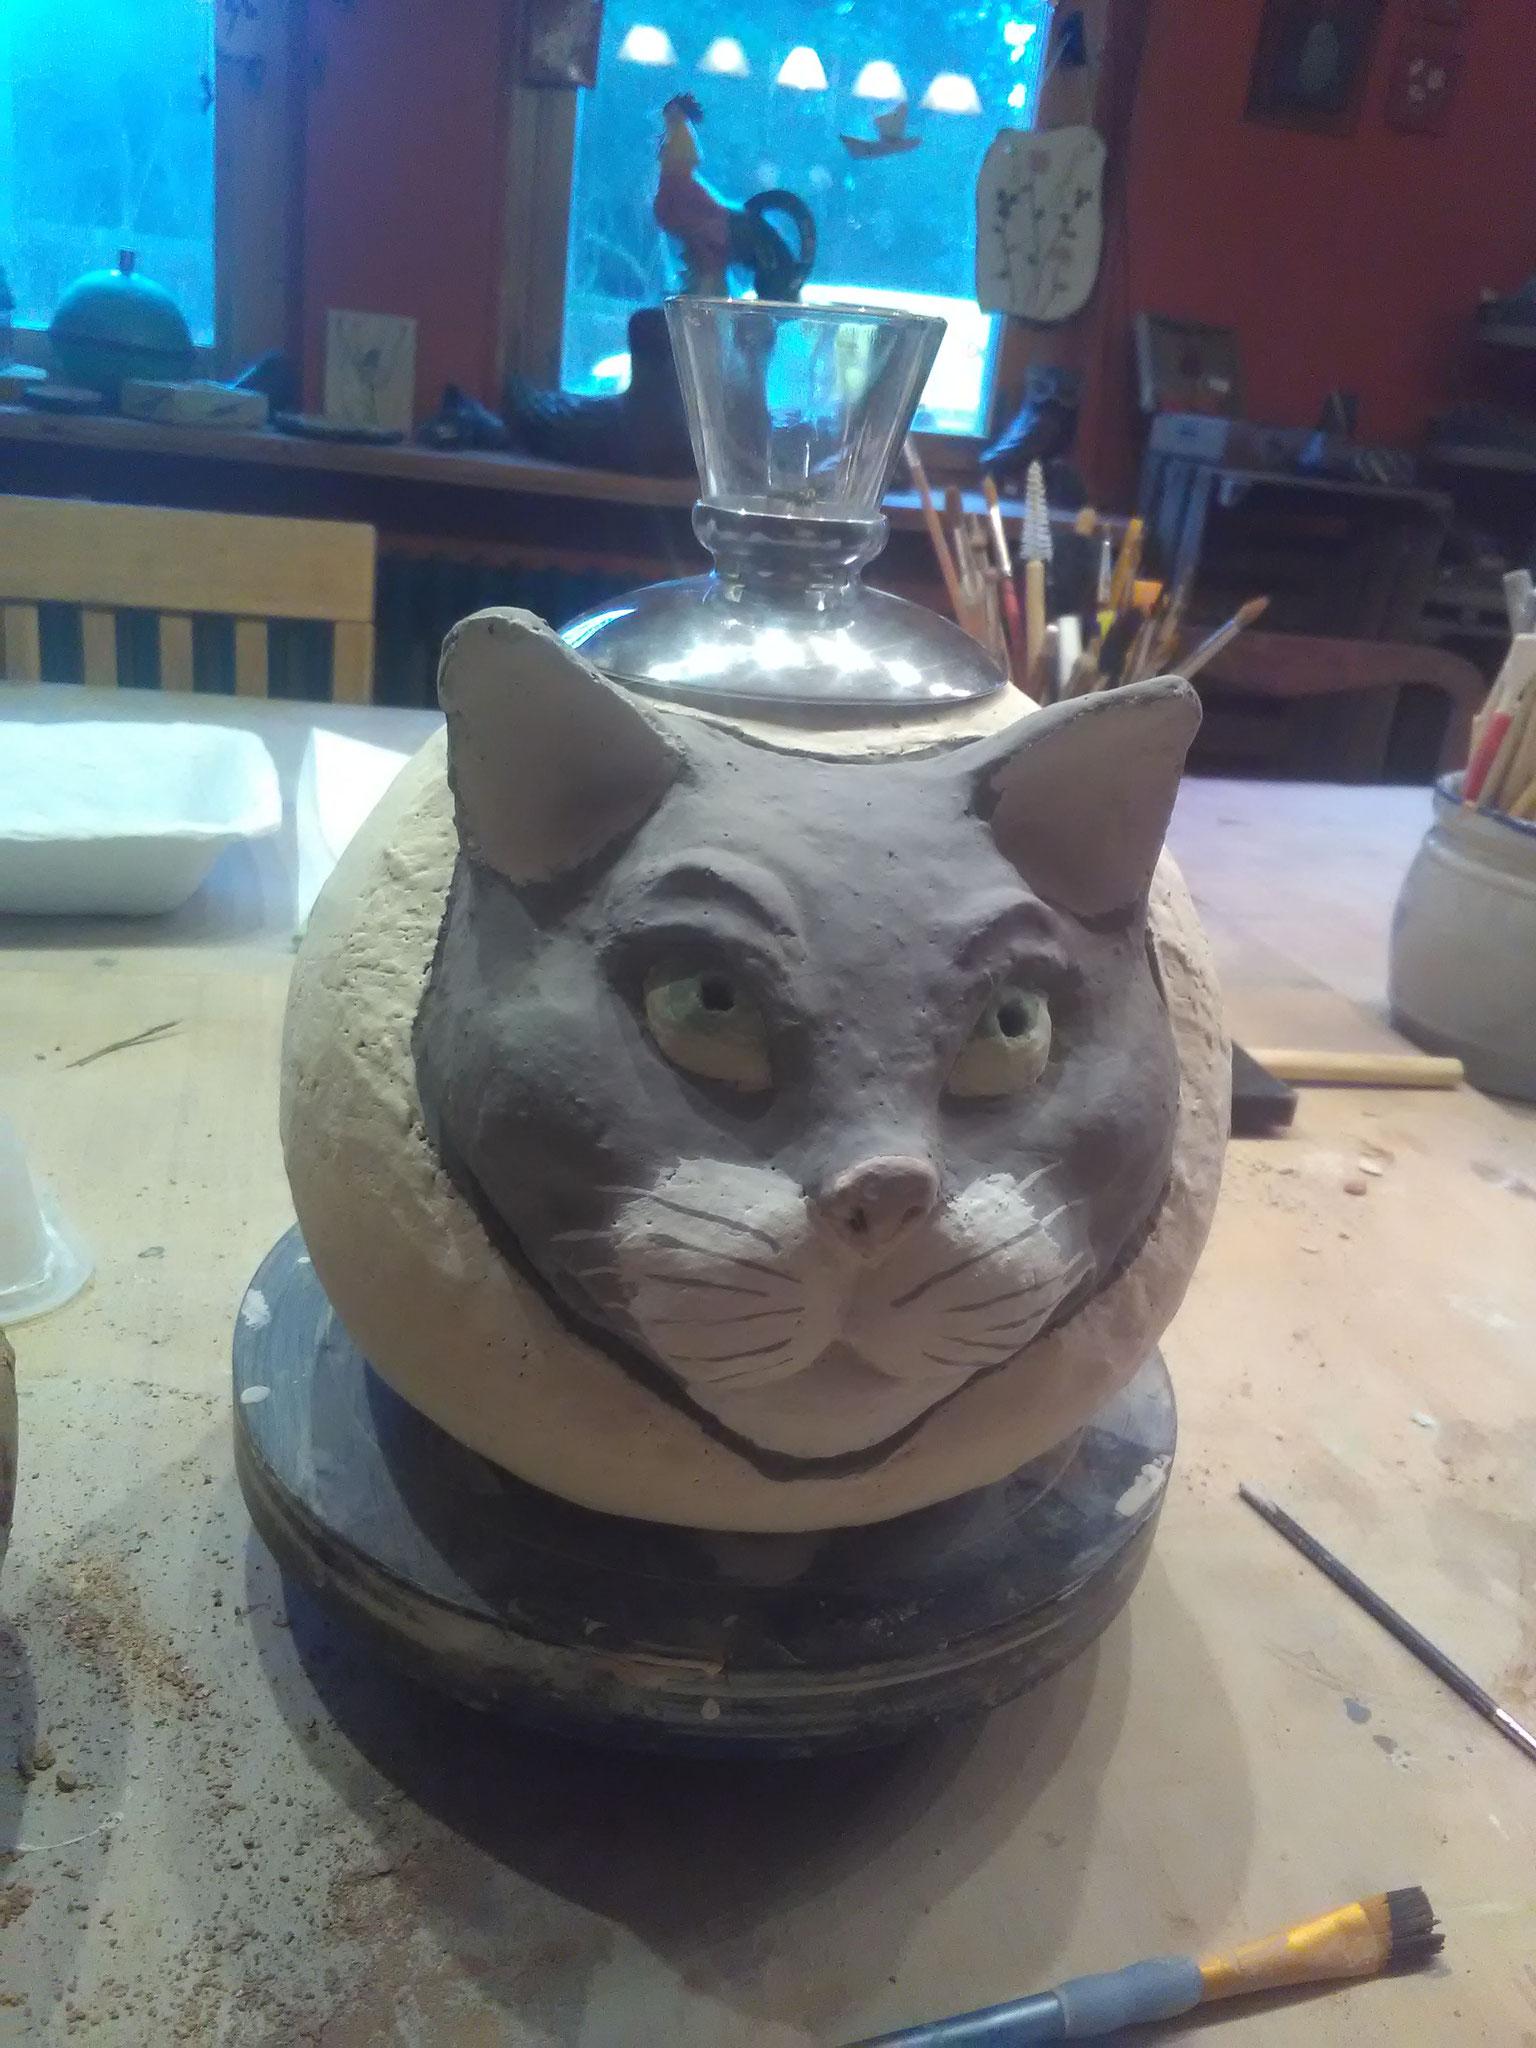 Öllampe mit Katzengesicht in Arbeit....